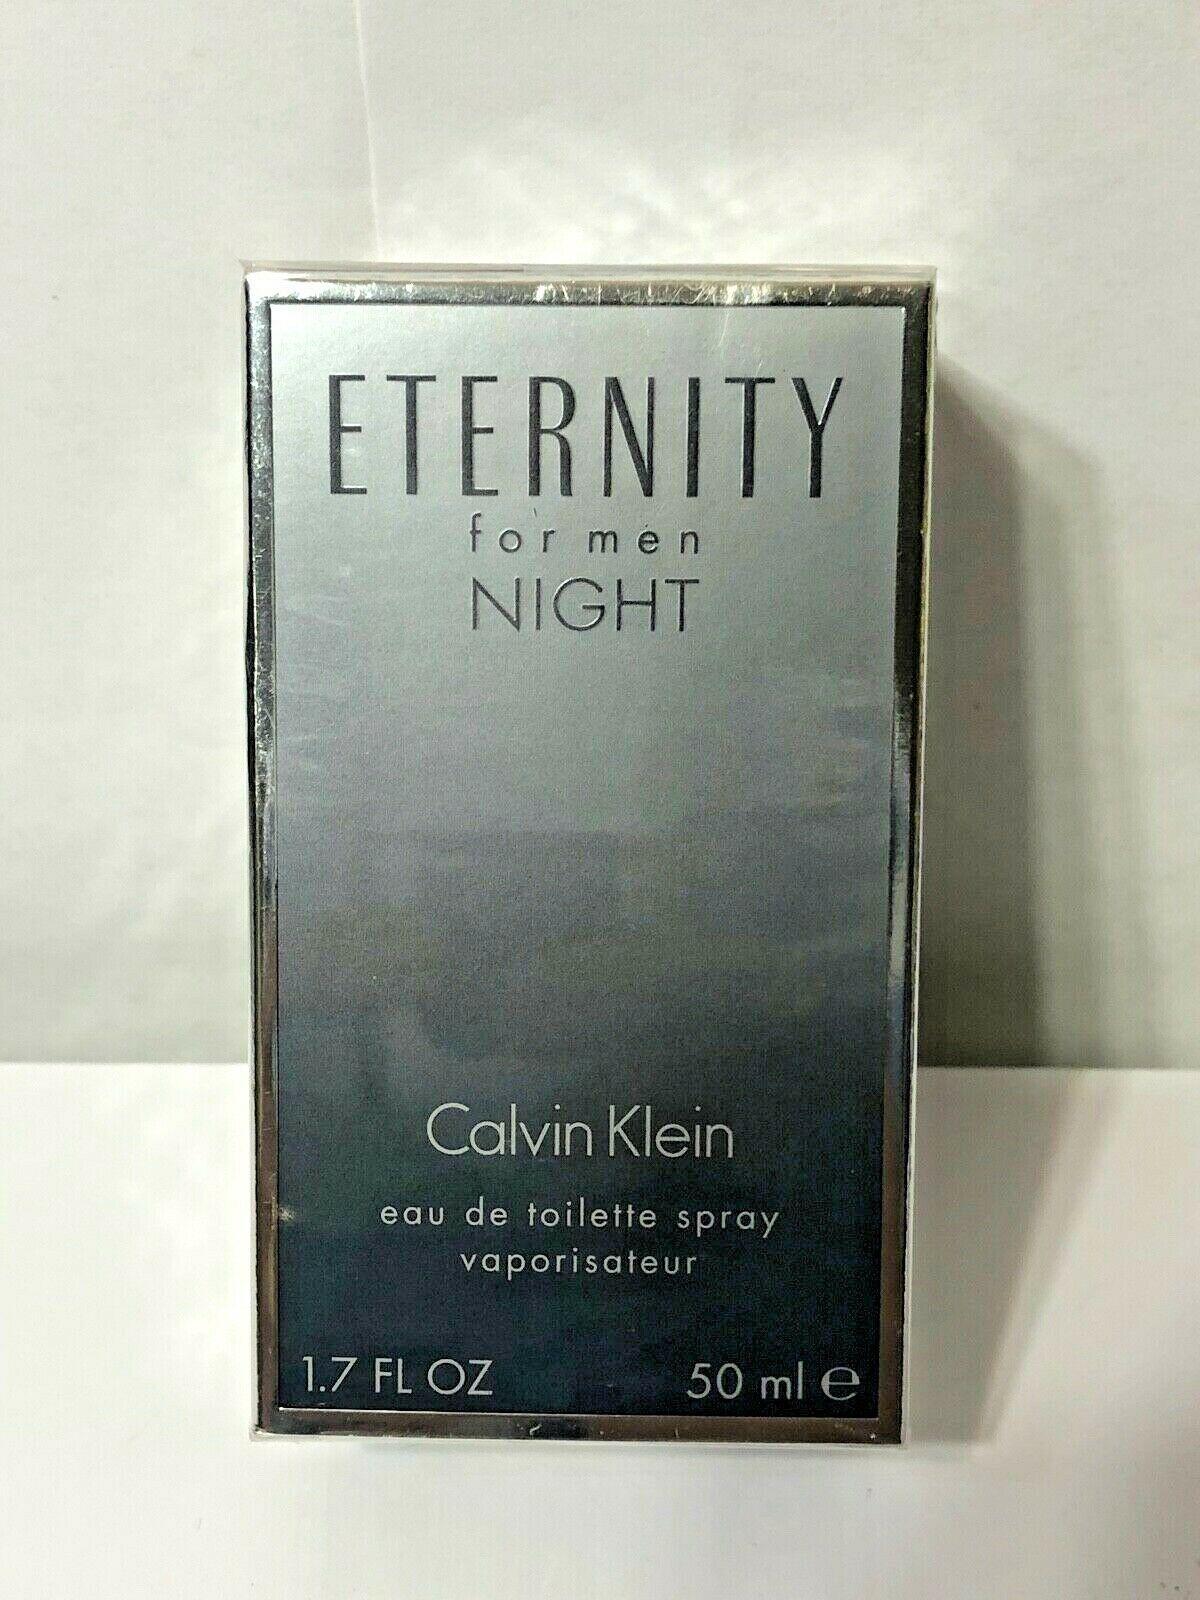 Aaaaacalvin klein eternity night 1.7 oz cologne